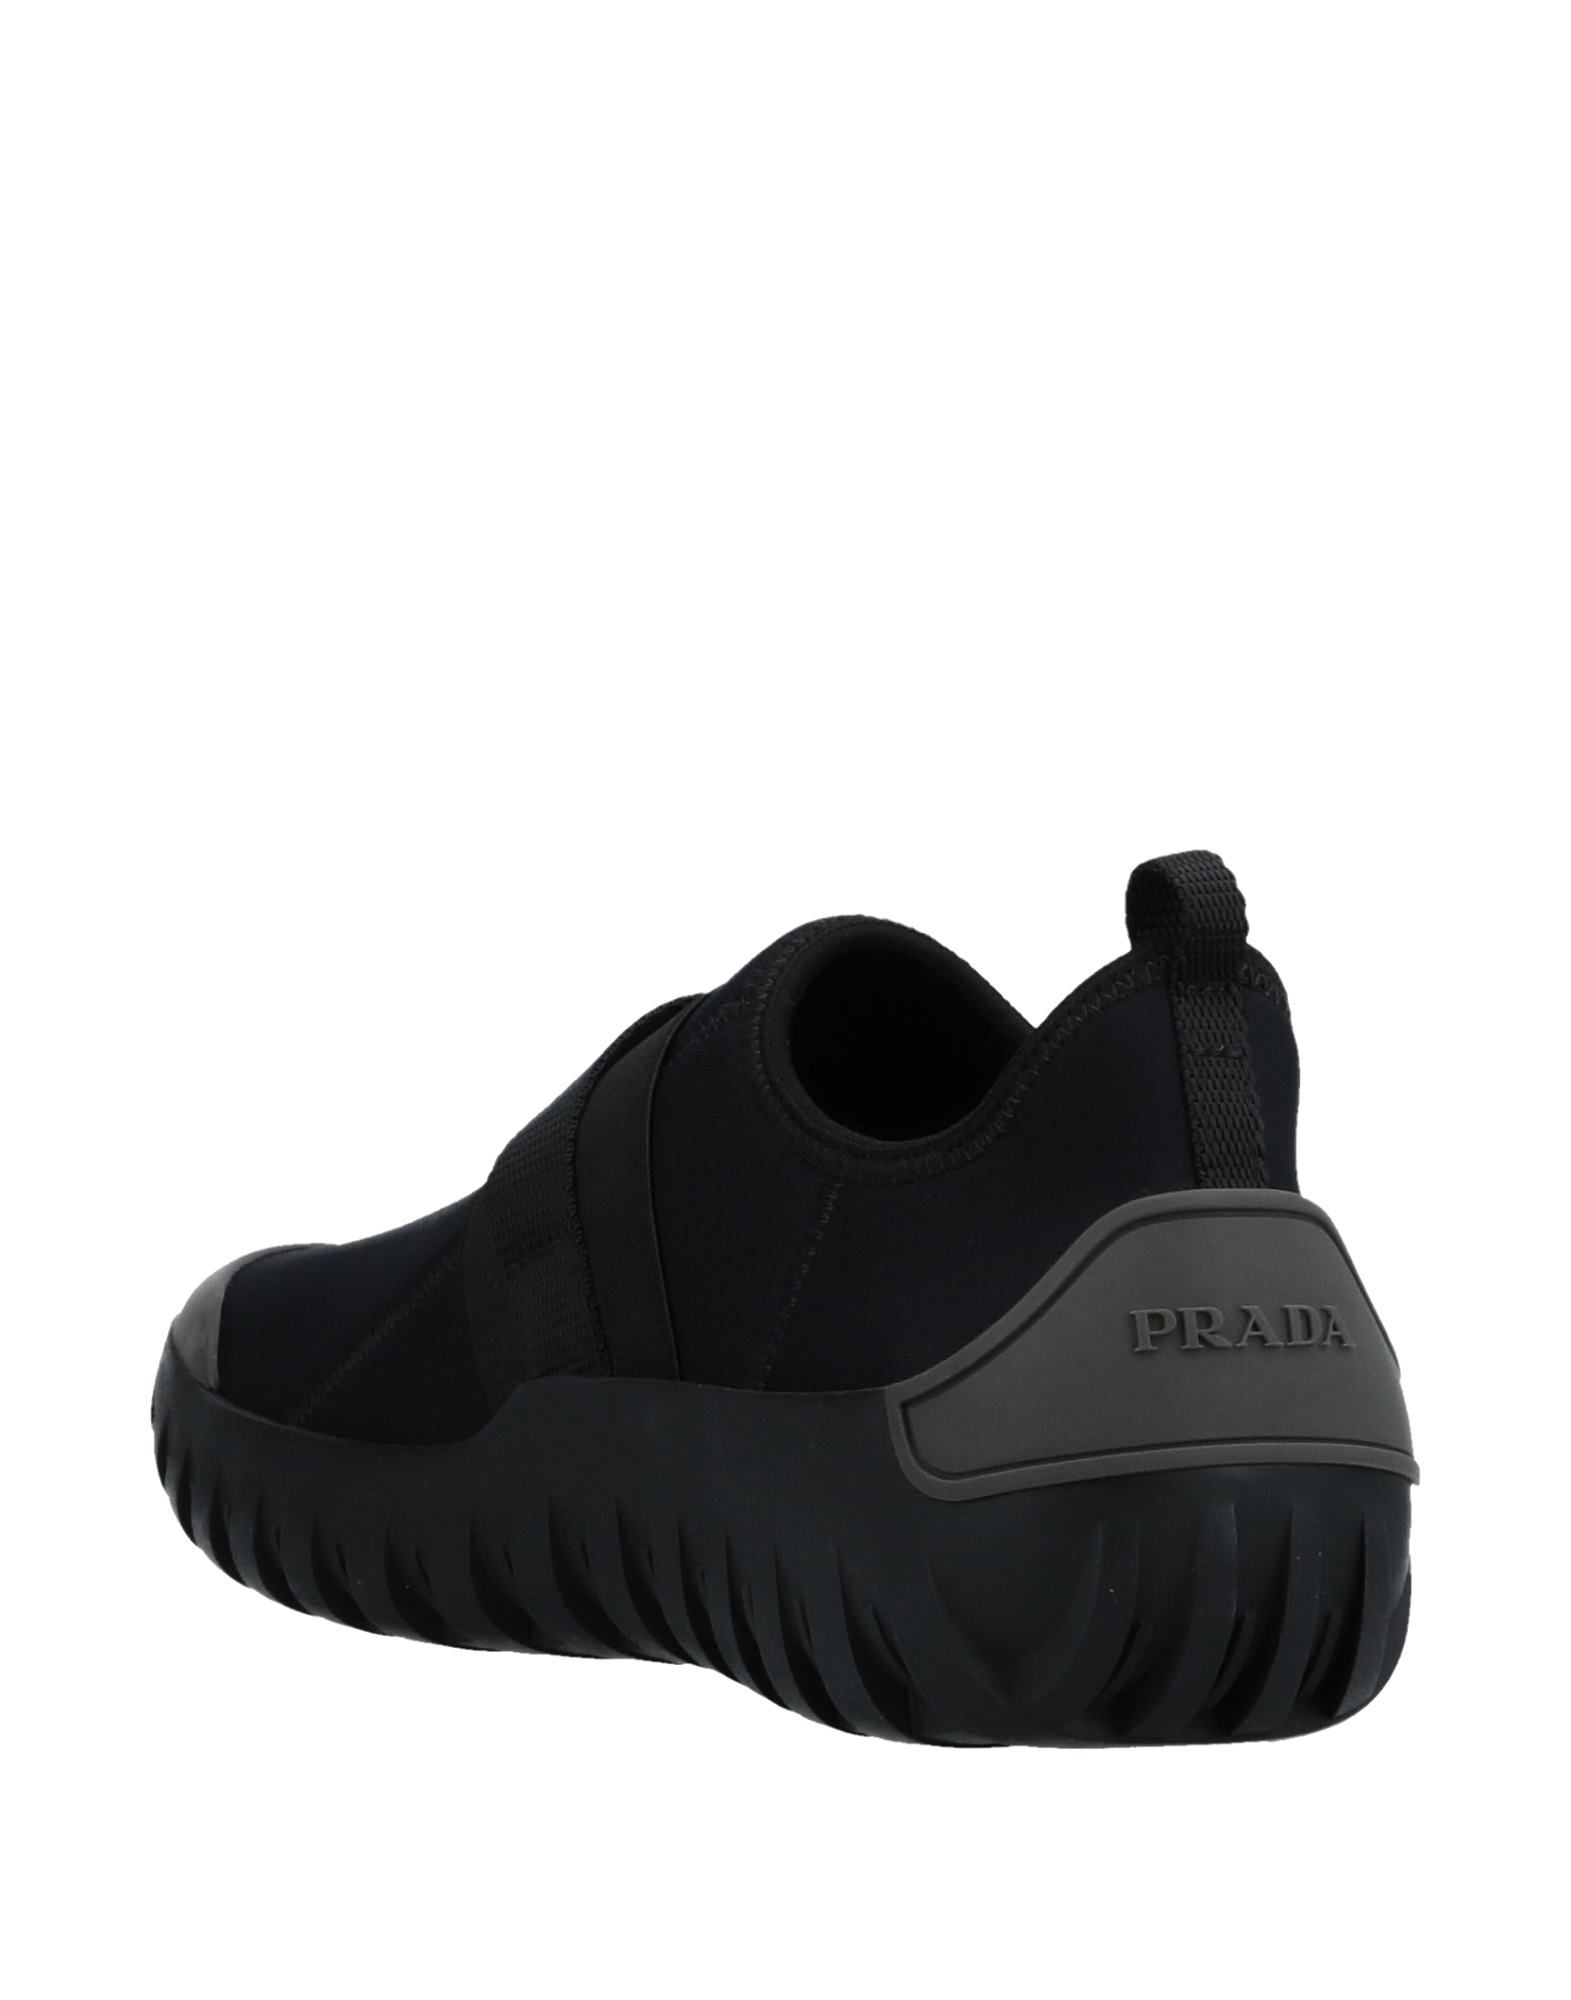 Prada Sport Gute Sneakers Herren  11510483BG Gute Sport Qualität beliebte Schuhe d3b076